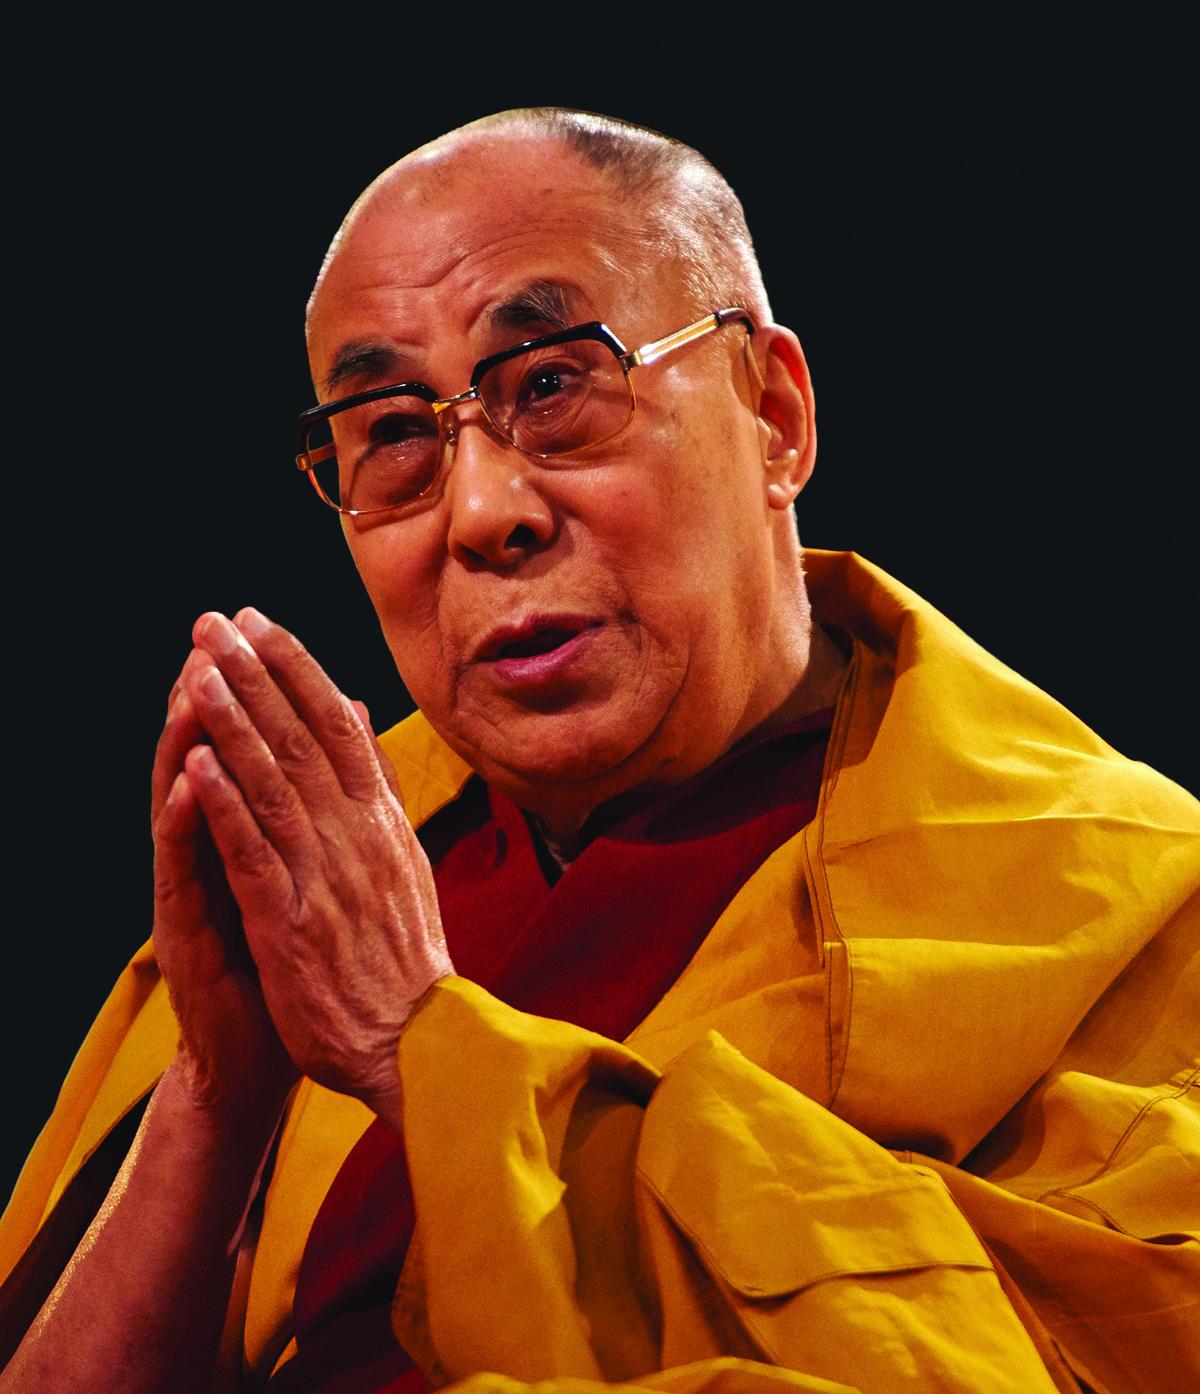 Photo of HH Dalai Lama of Tibet by Olivier Adam